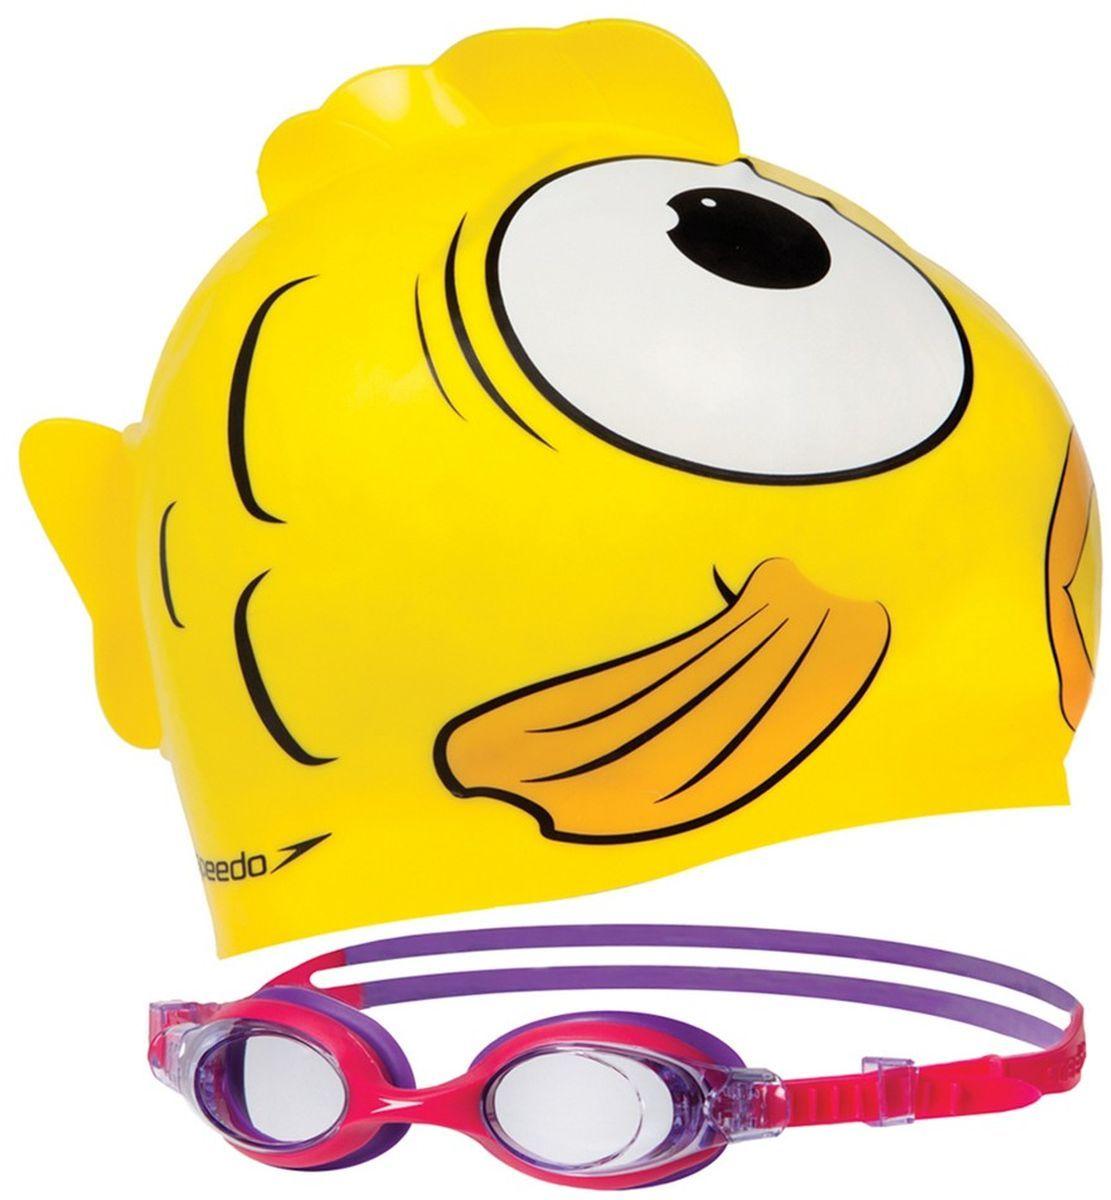 Набор для плавания Speedo Sea Squad Cap Gog Pack Ju, детский, цвет: желтый, красный, фиолетовый, 2 предмета8-093036817Набор для плавания Speedo Sea Squad Cap Gog Pack Ju будет незаменим во время плавания в бассейне и открытой воде. Линзы Widevision изготовлены из ударопрочного пластика, а внутренняя поверхность имеет покрытие AntiFog, препятствующее запотеванию линз и обеспечивающее круговой обзор и отличную видимость. Точное исполнение линз гарантирует отсутствие искажений. Технология BioFuse разработана для максимального комфорта без прогиба линз.Очки имеют защиту от ультрафиолетового излучения. Плотное прилегание очков и комфорт обеспечиваются силиконовыми наглазниками. Силиконовый ремешок можно регулировать по размеру.В набор для плавания входит силиконовая шапочка. Устойчивый к хлору материал быстро сохнет и предохраняет волокна ткани от затяжек и выцветания. Комфортная посадка без сдавливания. Удобна при надевании и использовании.